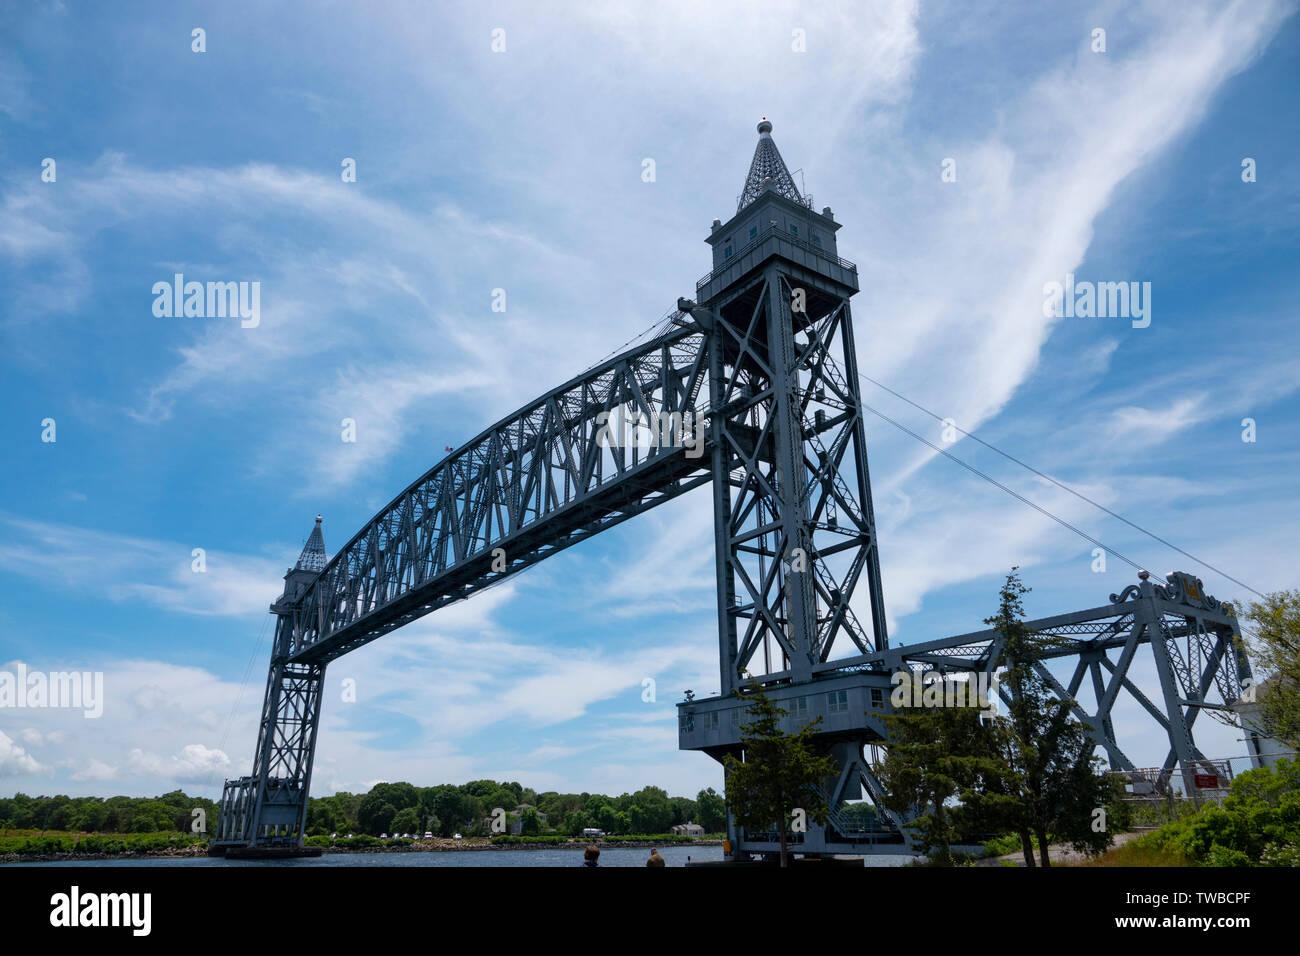 USA Massachusetts MA Cape Cod Canal Railroad Bridge over the cape Cod Canal a vertical lift bridge also known as the Buzzards Bay Railroad Bridge 1935 - Stock Image